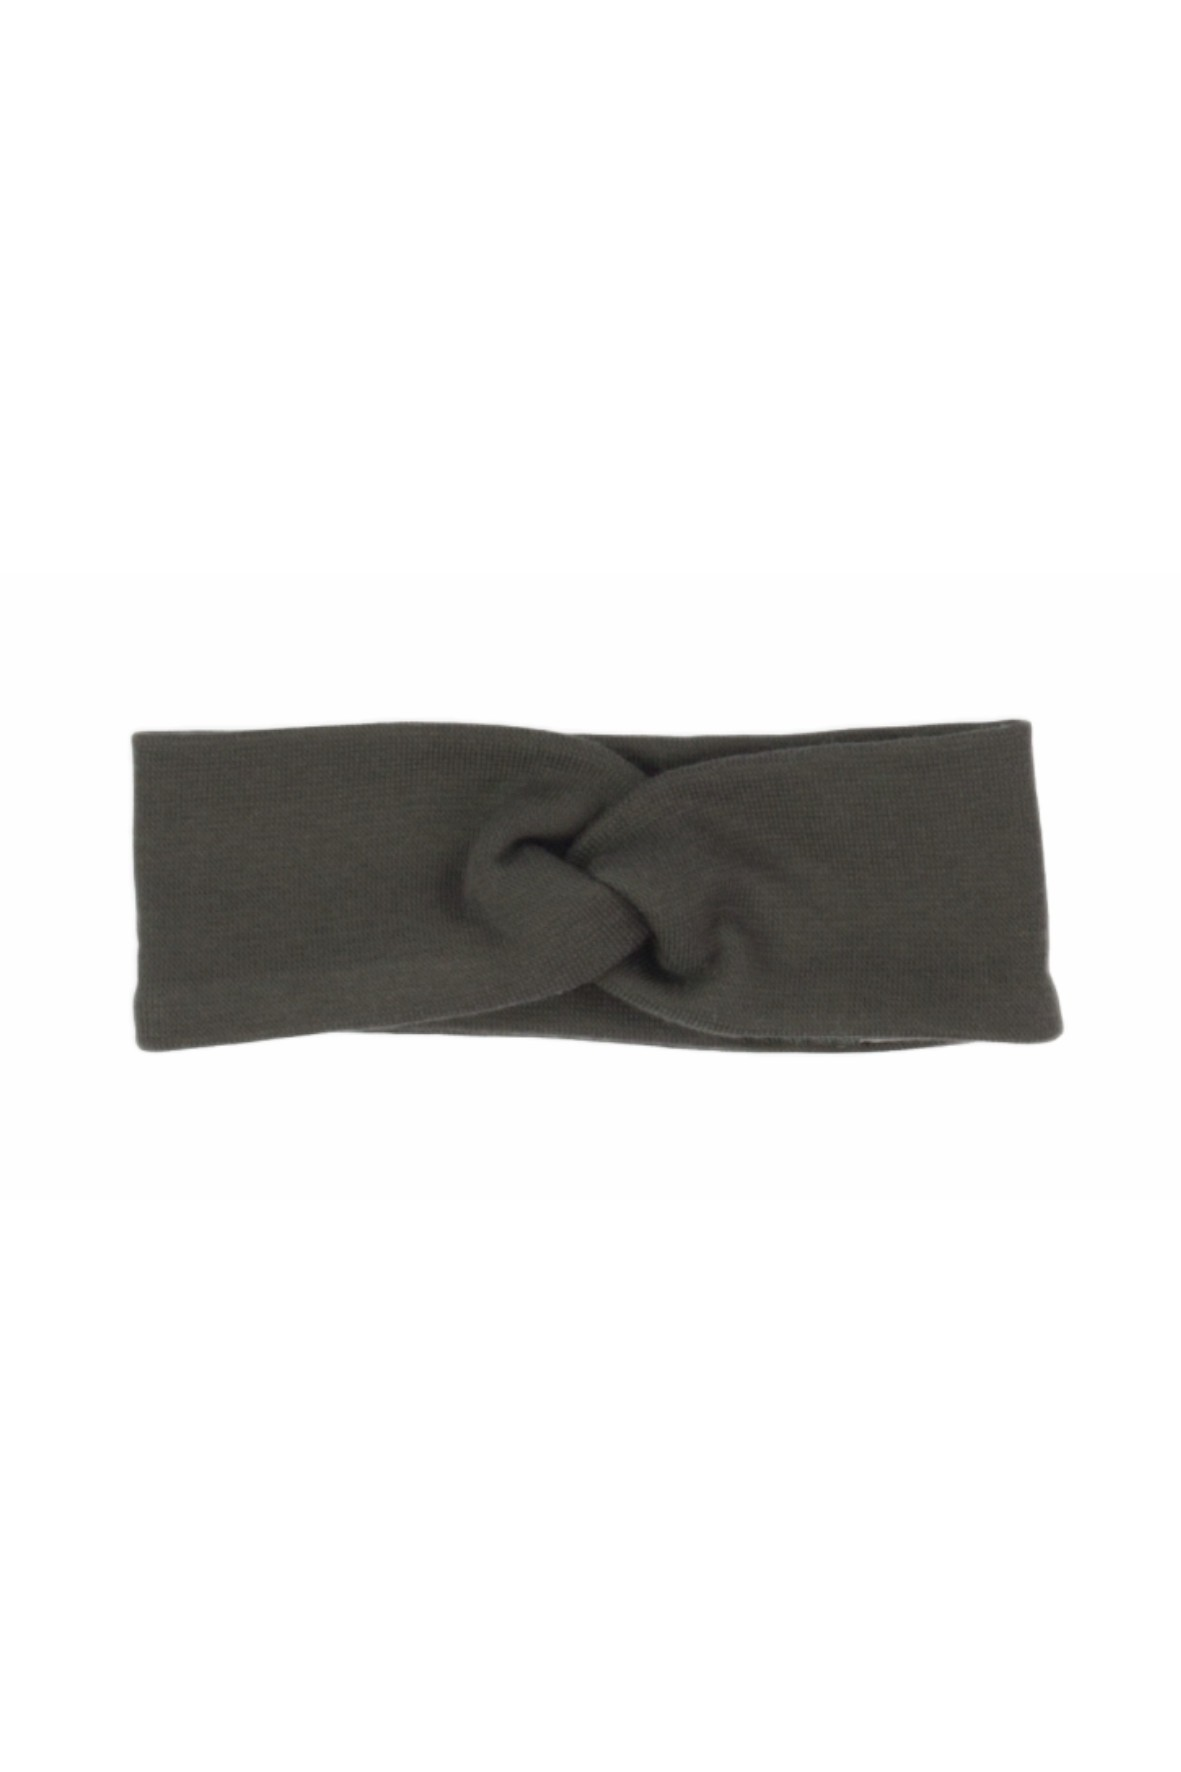 Opaska na głowę w kolorze ciemnego brązu